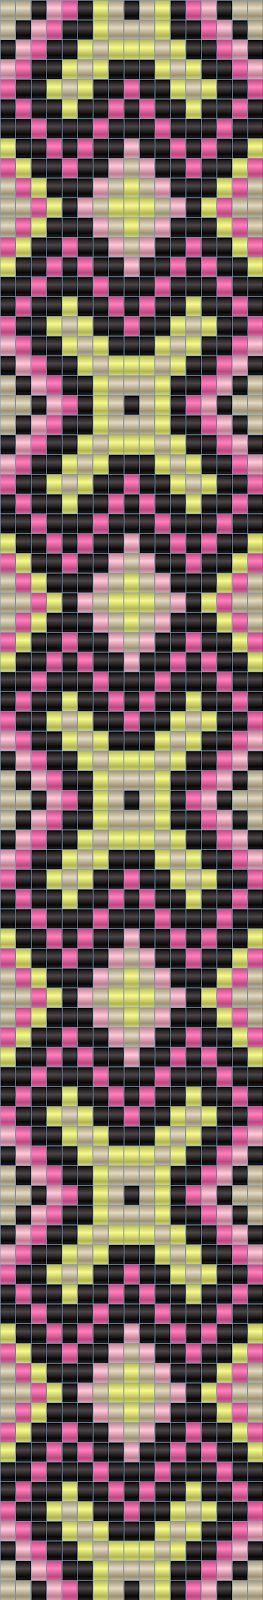 Схема браслета - ткачество / гобеленовое плетение - bead loom pattern